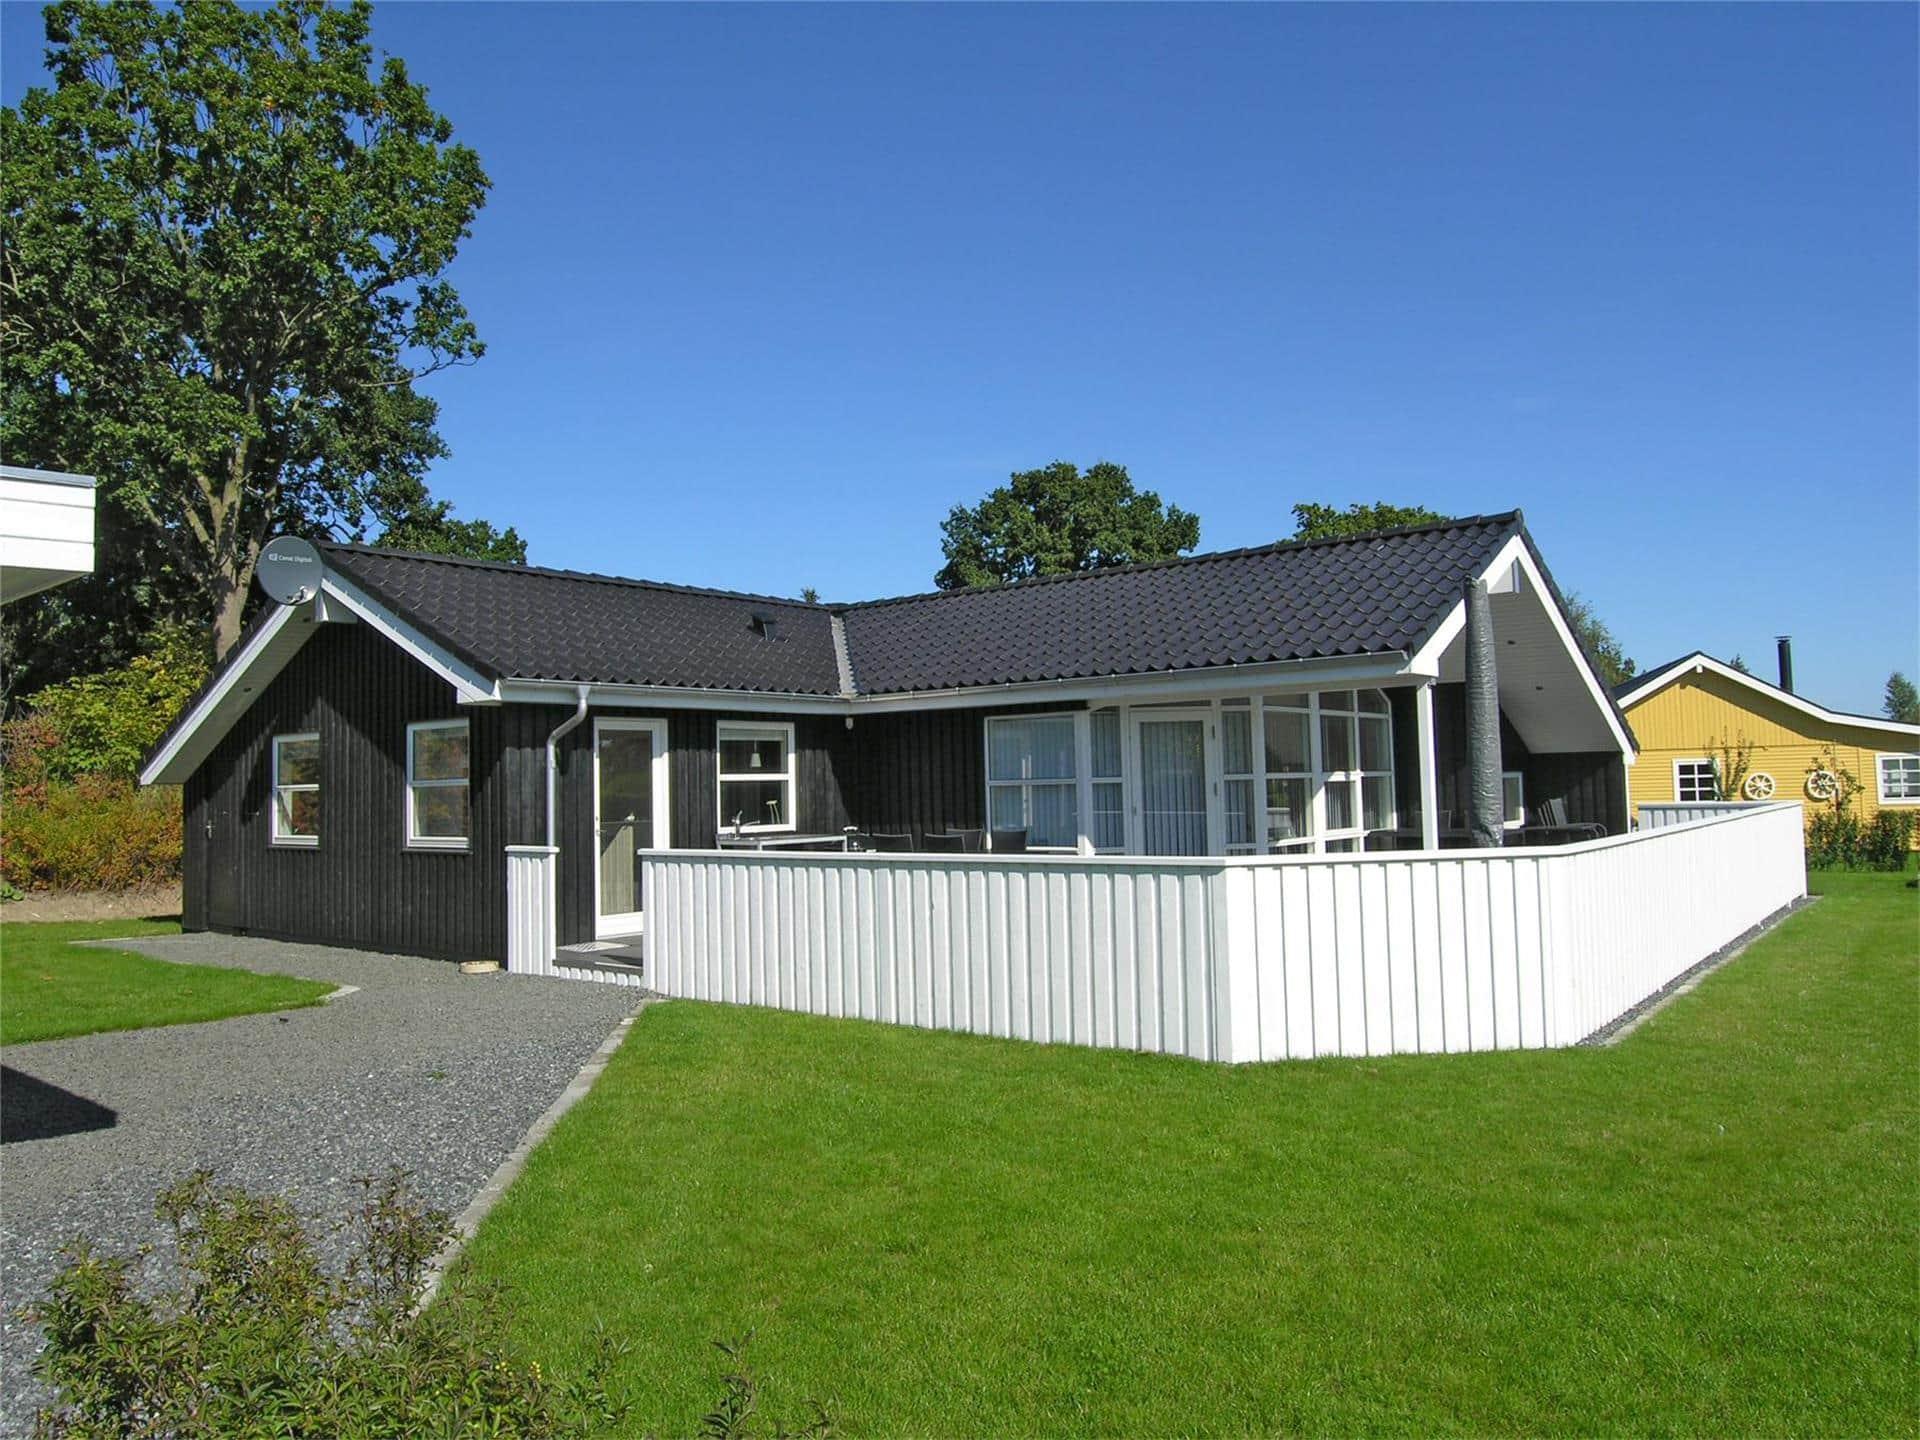 Billede 1-19 Sommerhus 30310, Violvej 18, DK - 8300 Odder